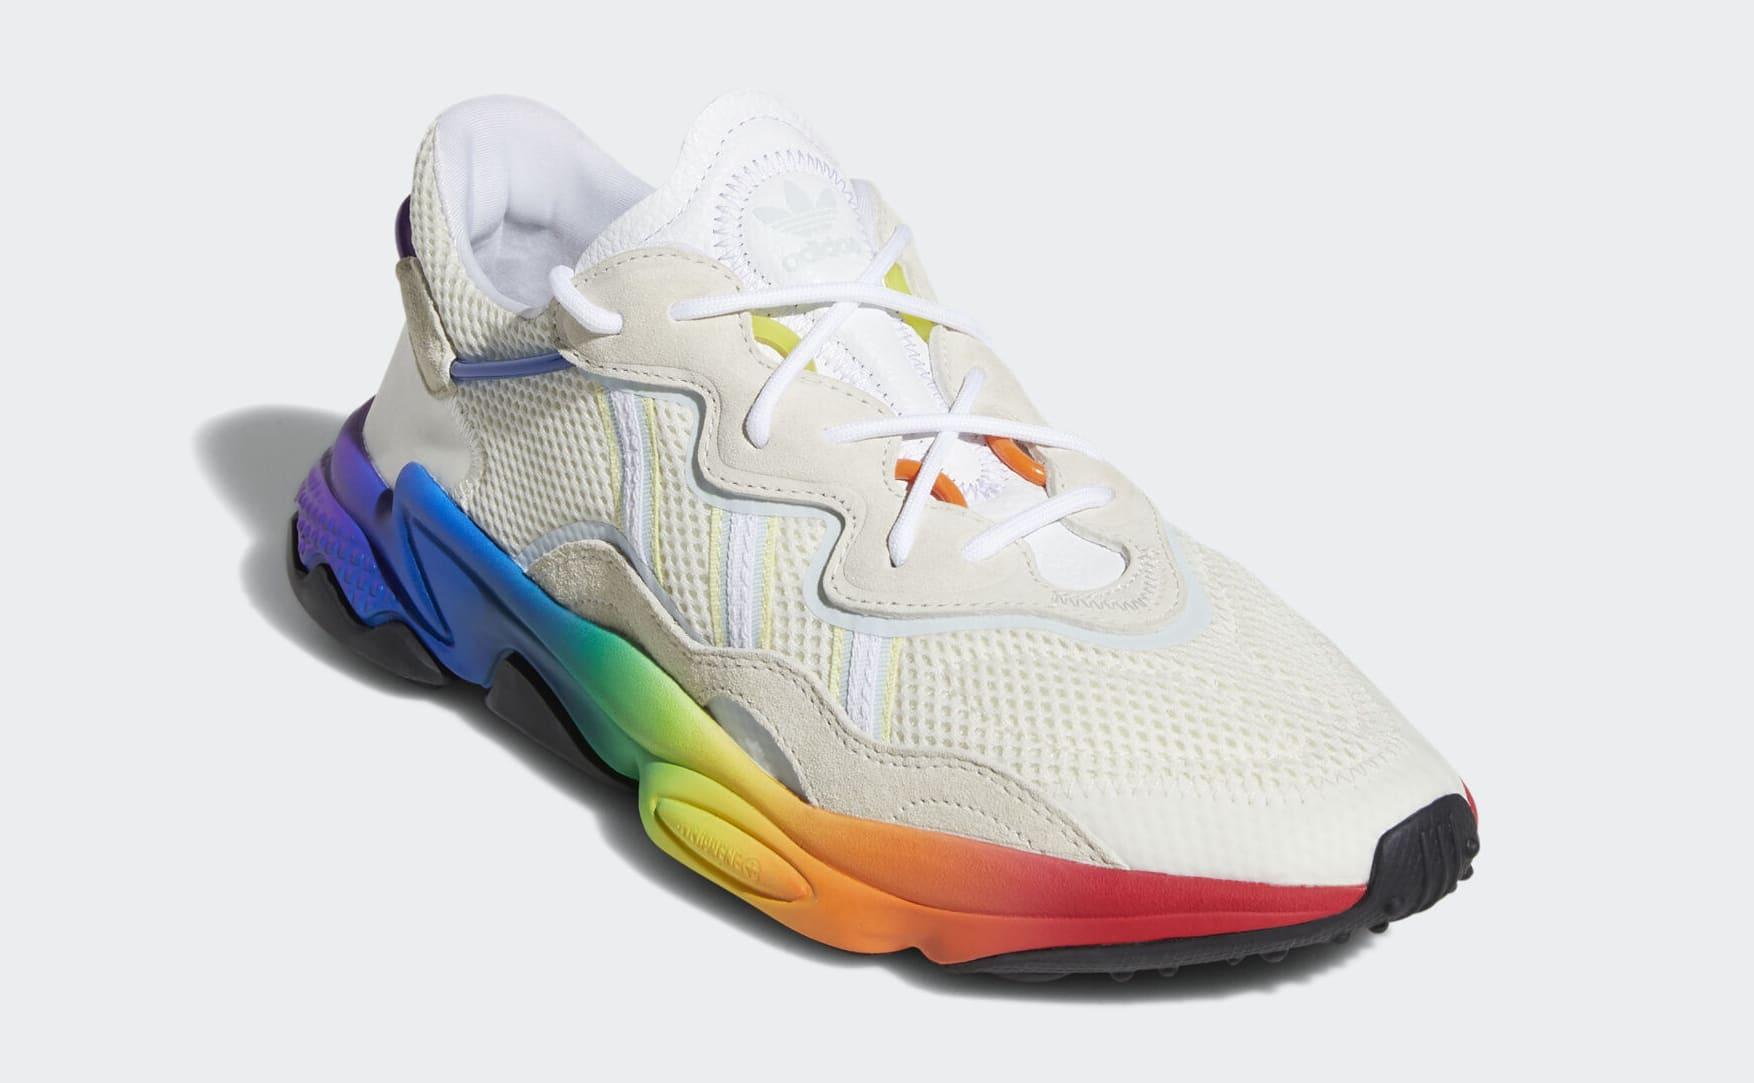 Adidas Ozweego 'Pride' EG1076 (Angle)